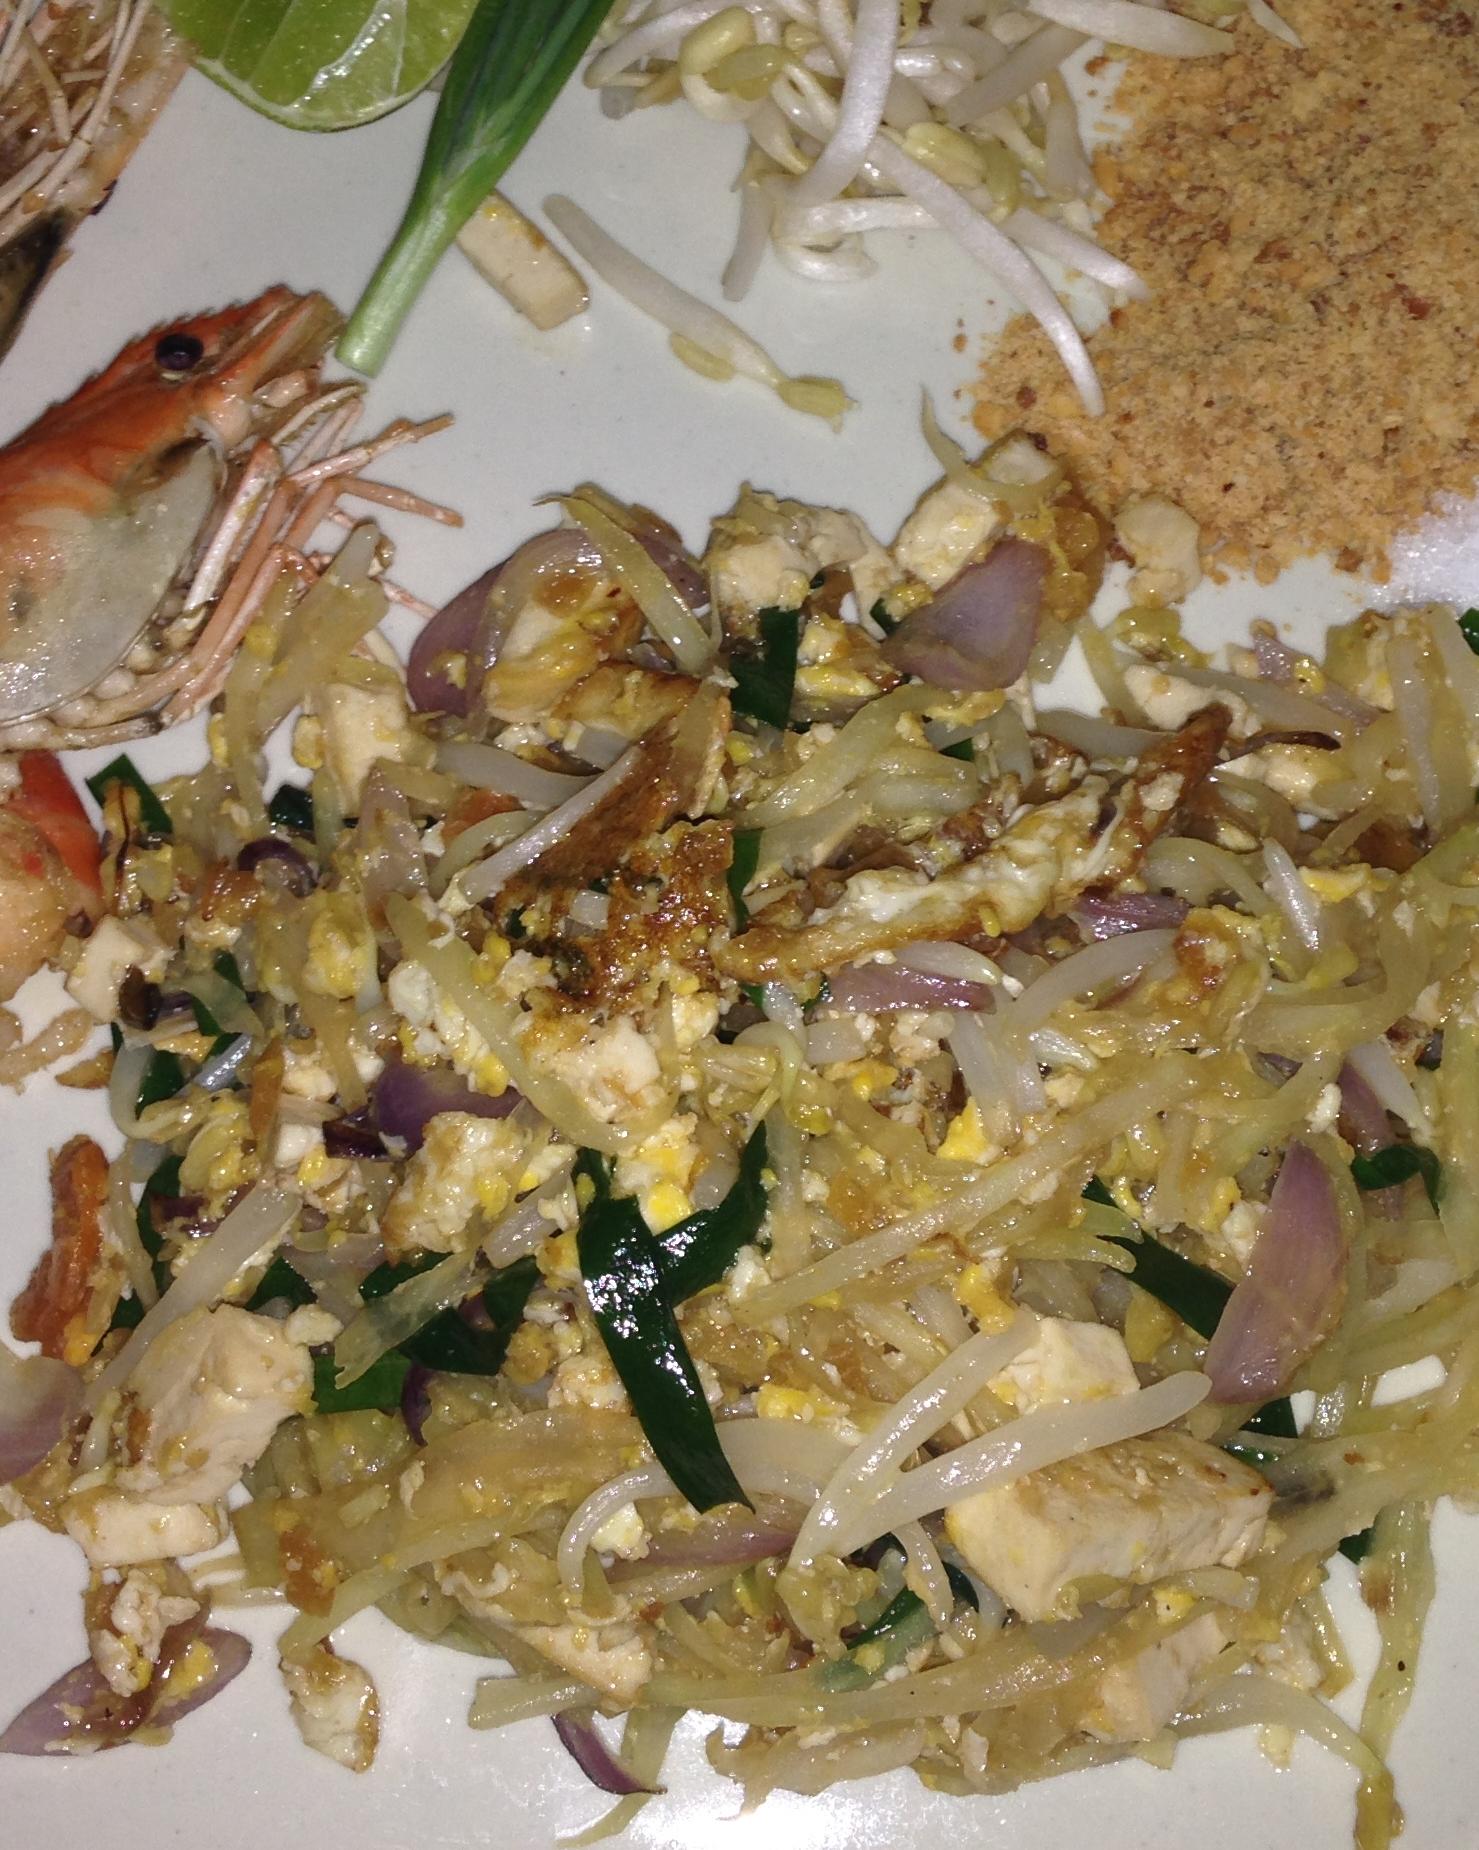 Pad thai, nejznámější a nejoblíbenější nudlový pokrm.